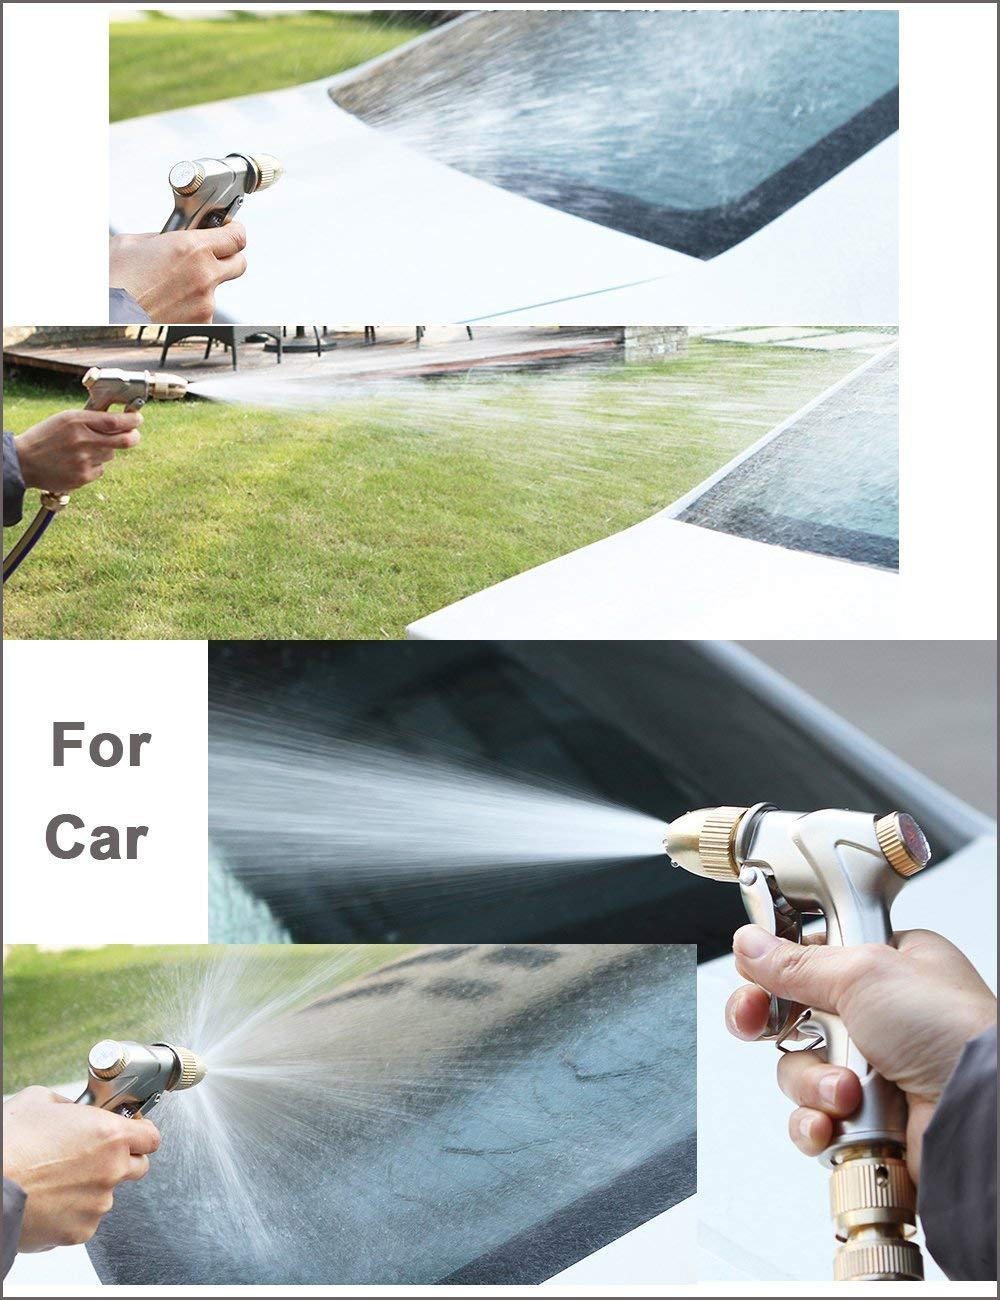 Nettoyage de Trottoir arrosage des Plantes Lifreer 1 Pistolet pulv/érisateur de Tuyau darrosage de Douche de Jardin Pont Pistolet pulv/érisateur pour Lavage de Voiture